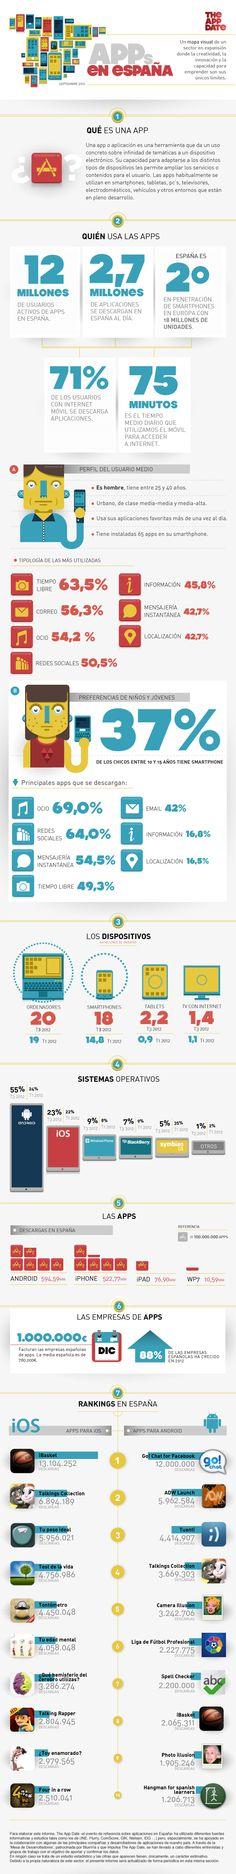 Uso de las APPs en España (09/2012) #infografia #infographic #software #internet